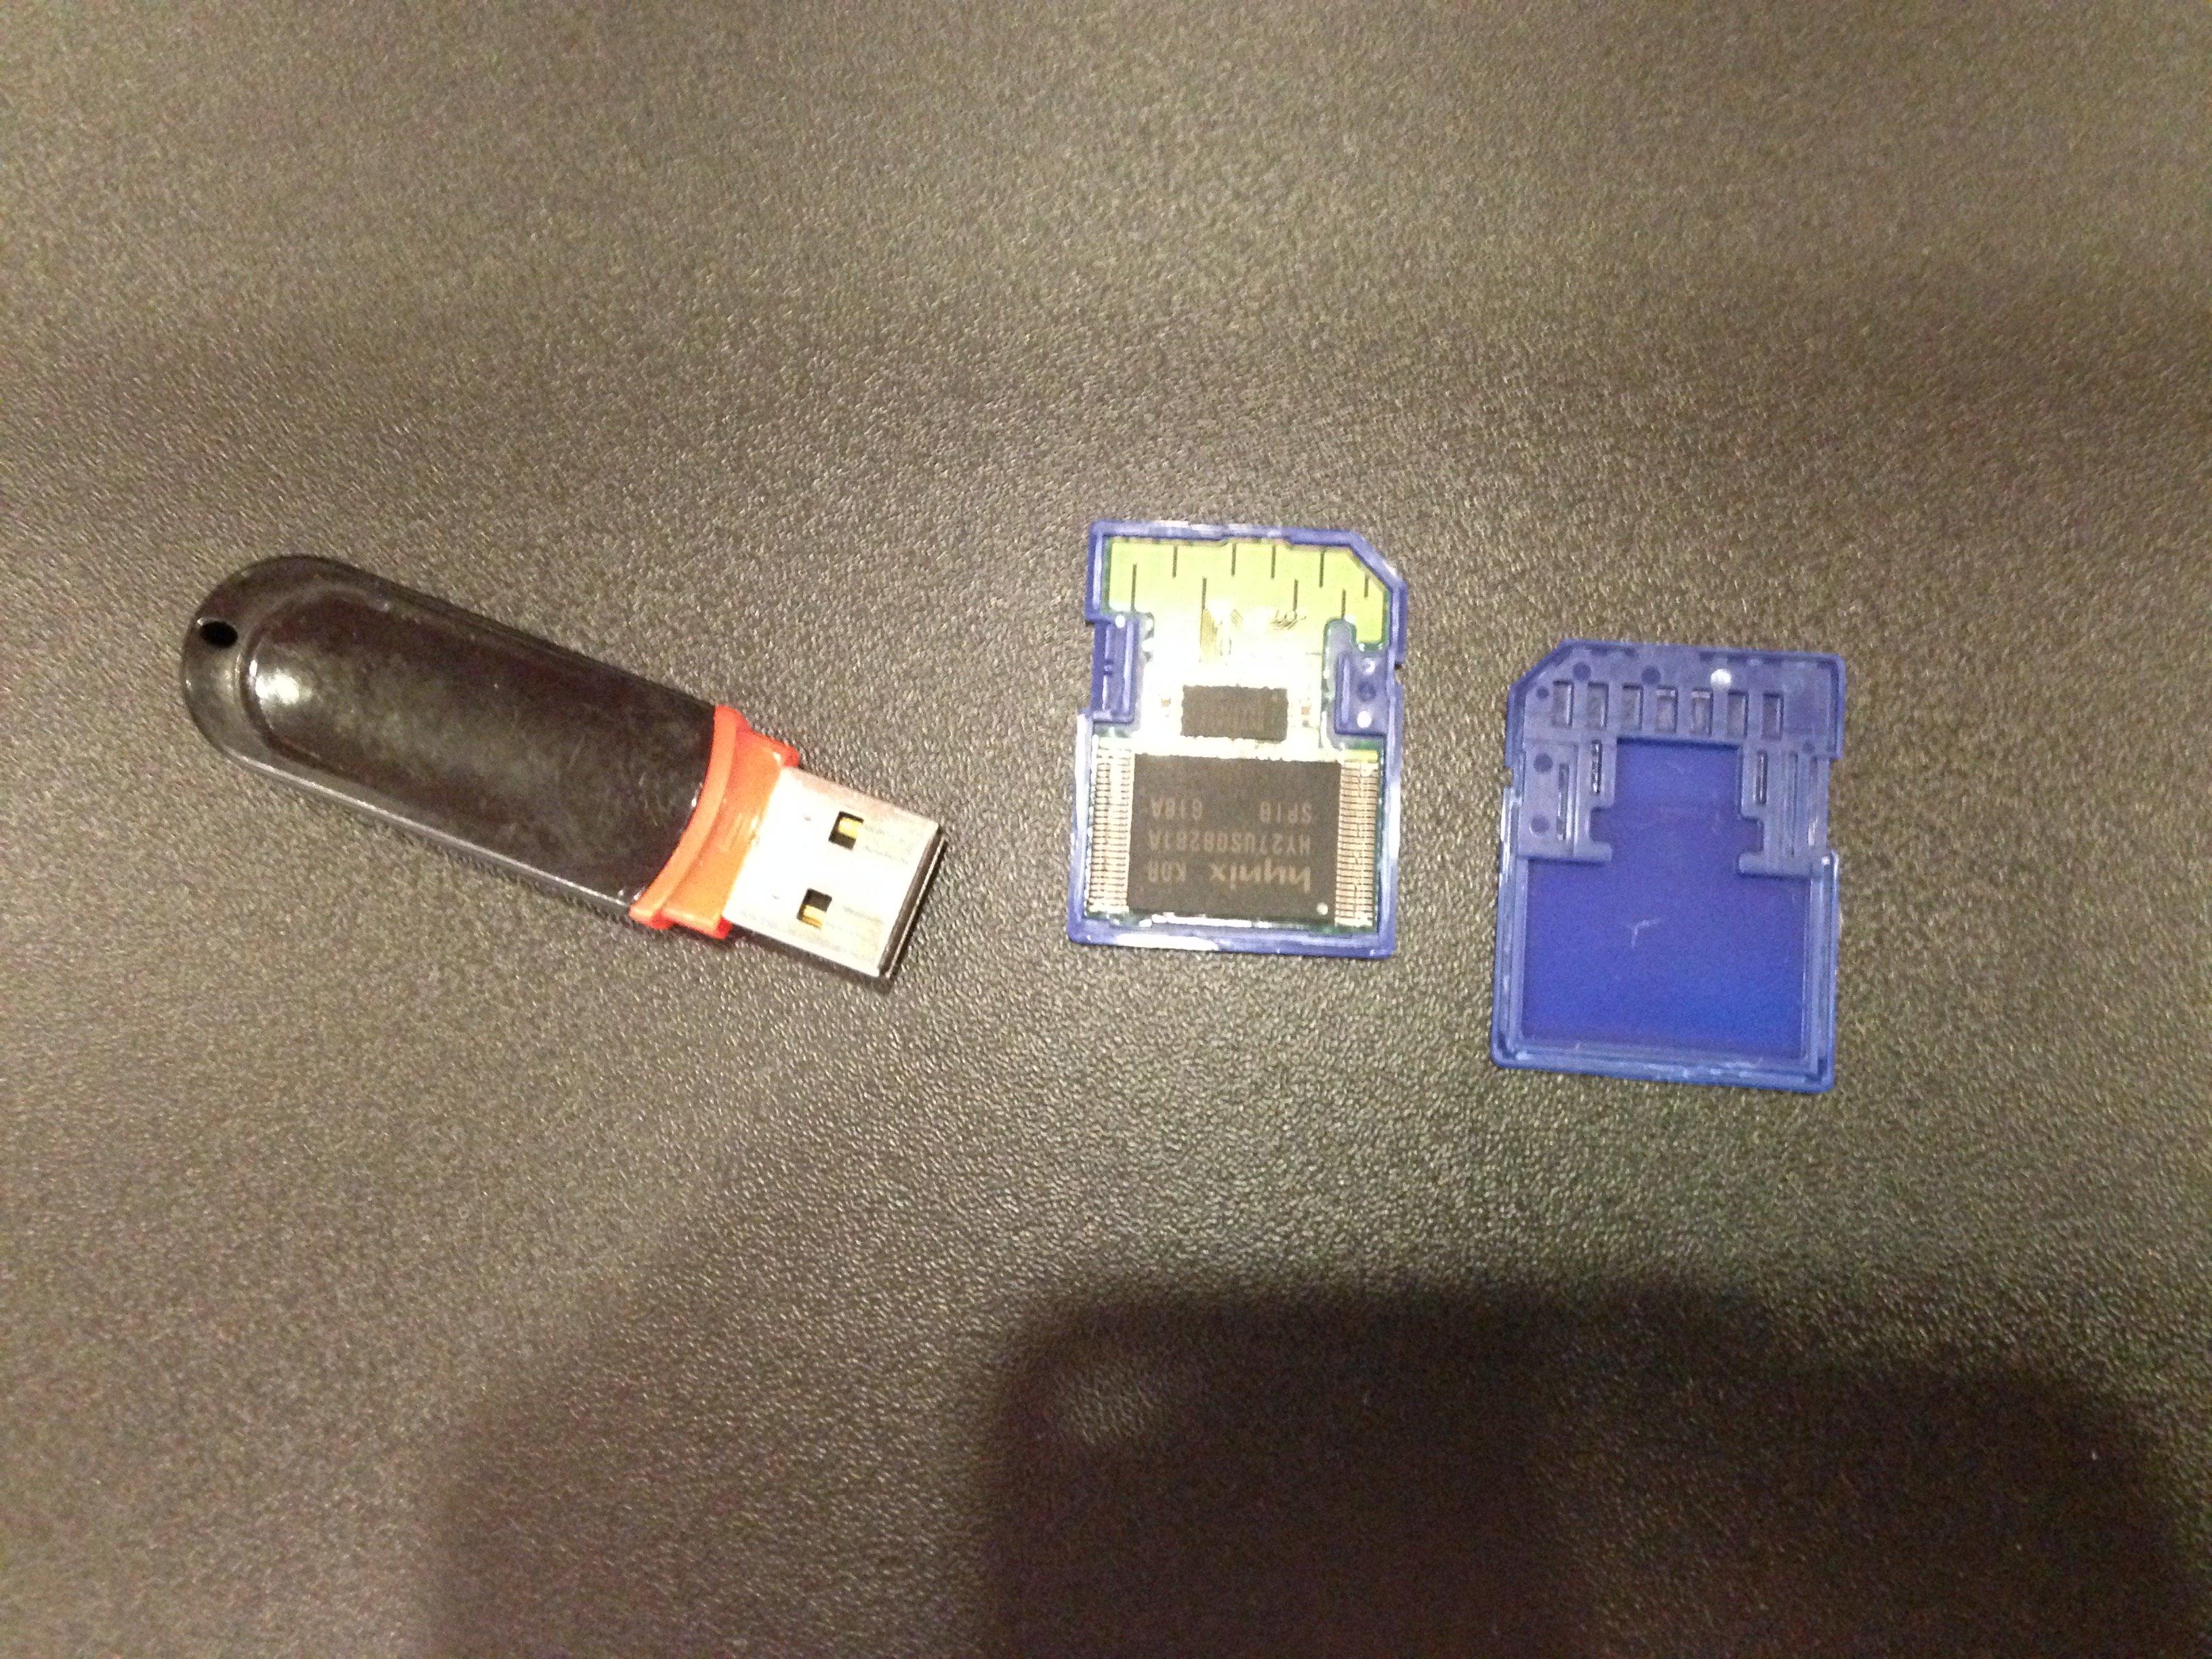 Mémoire flash (carte SD, clé USB…), 1988